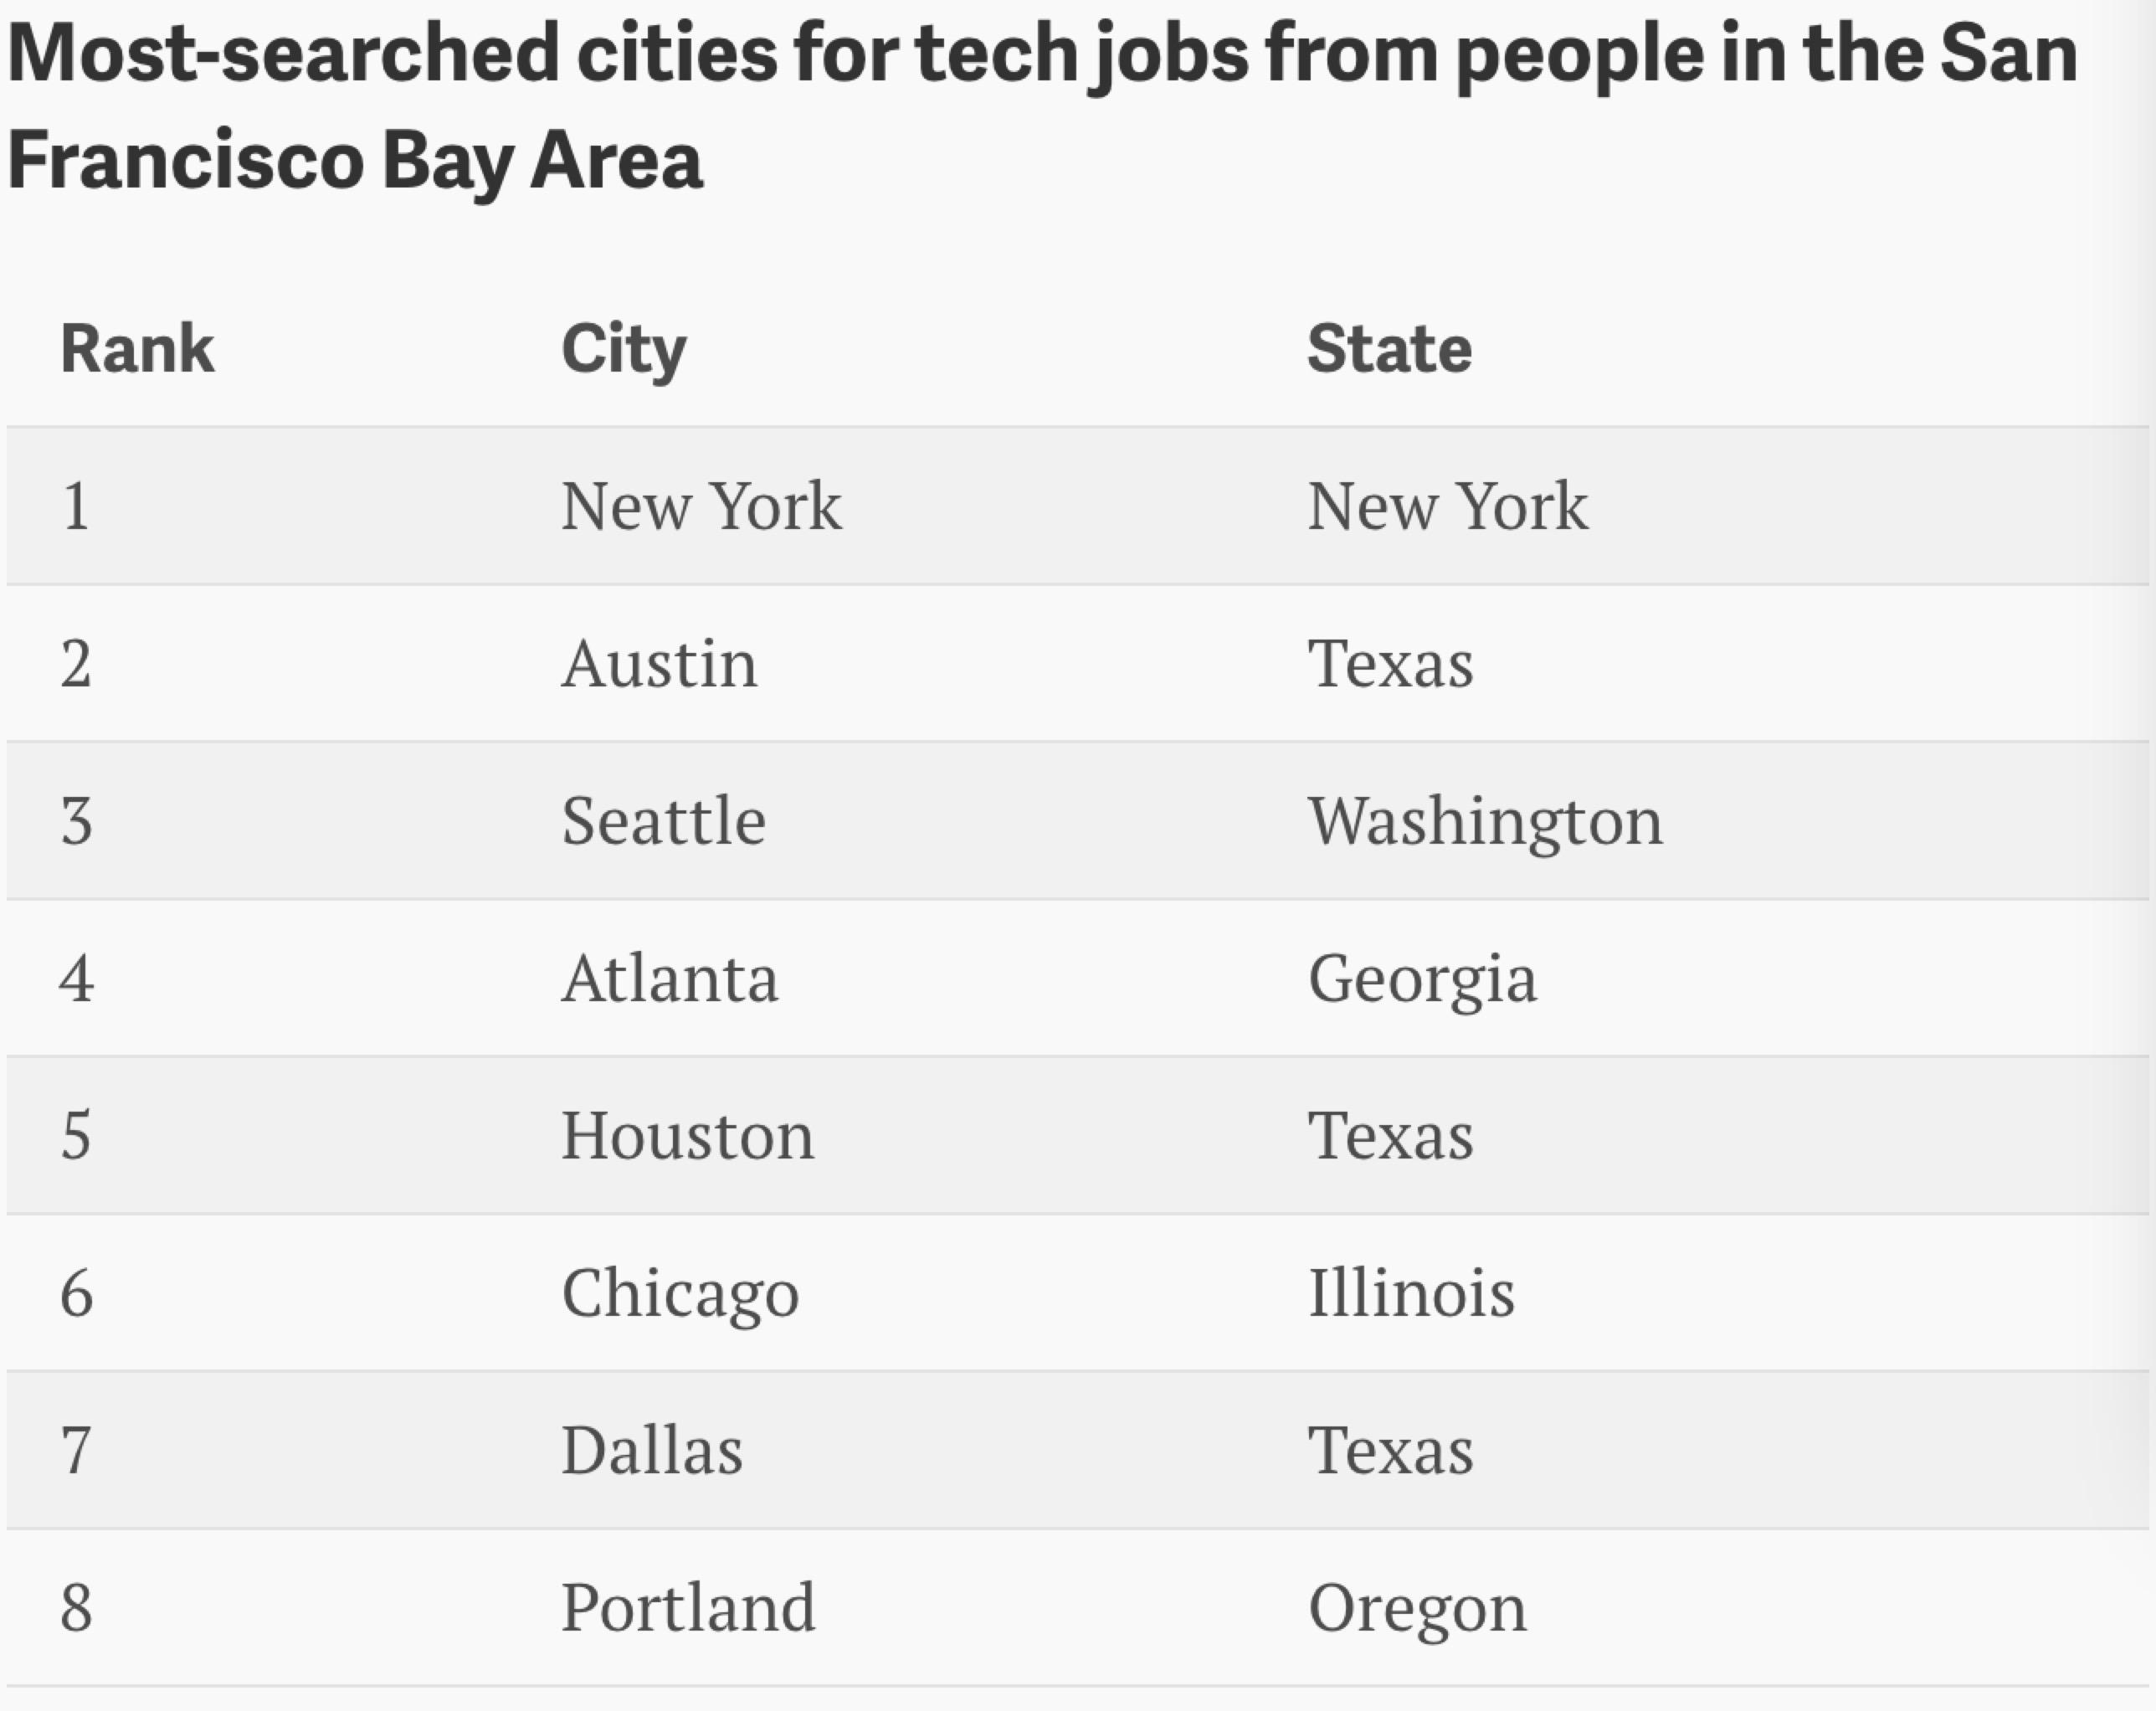 硅谷码农也在纷纷逃离,表示要到小城市寻找幸福.